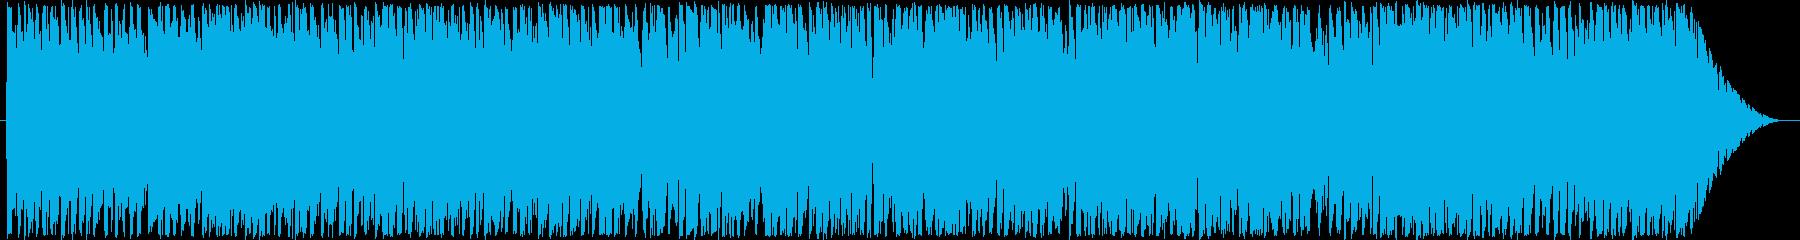 民族調なリズムを取り入れたポップなBGMの再生済みの波形